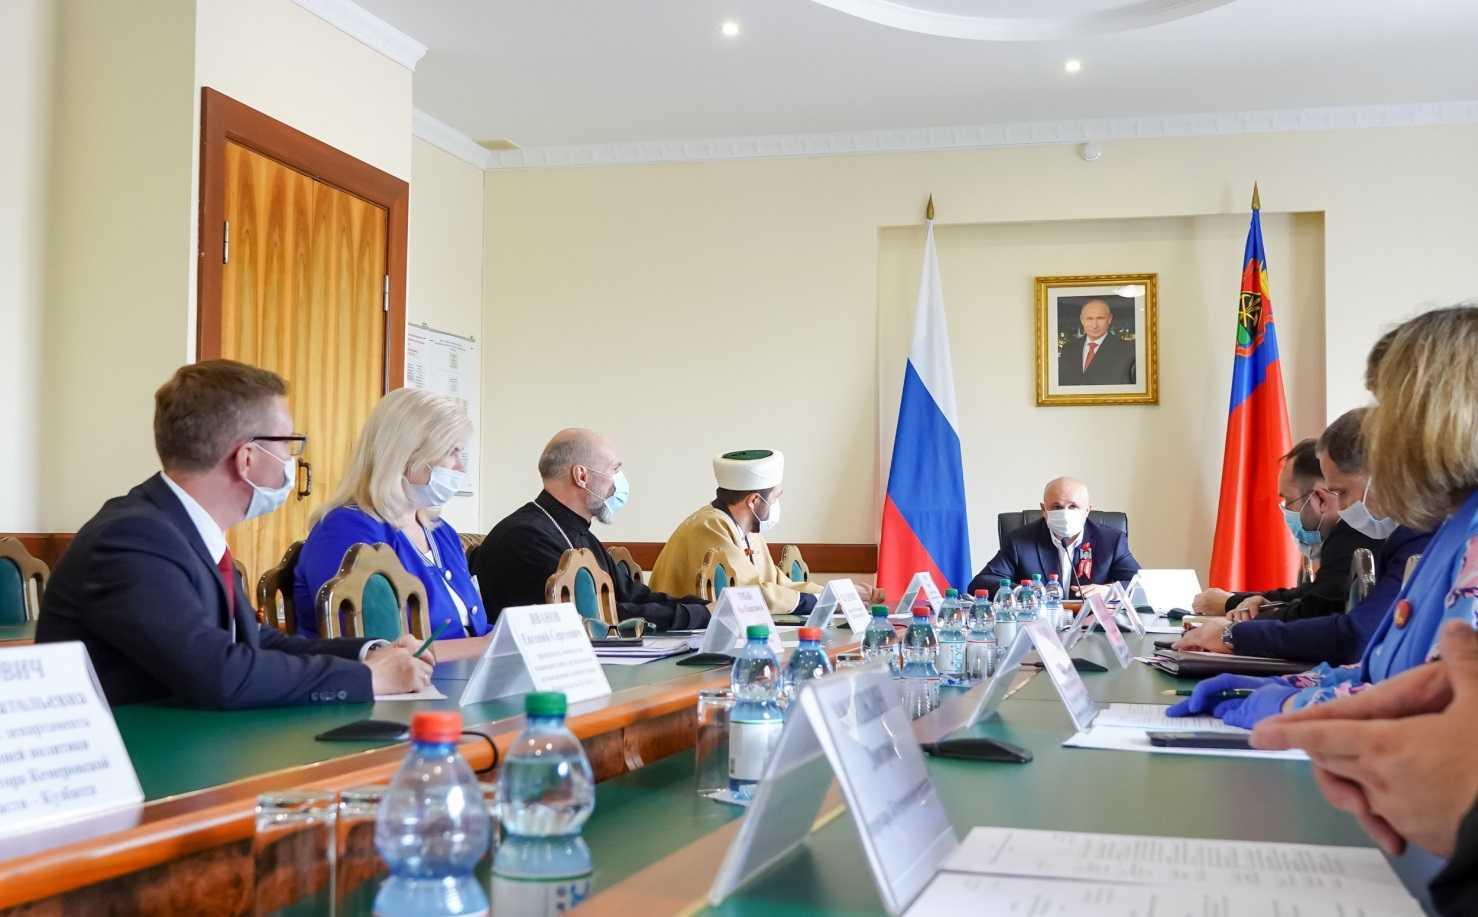 Межконфессиональный совет при губернаторе Кузбасса 1